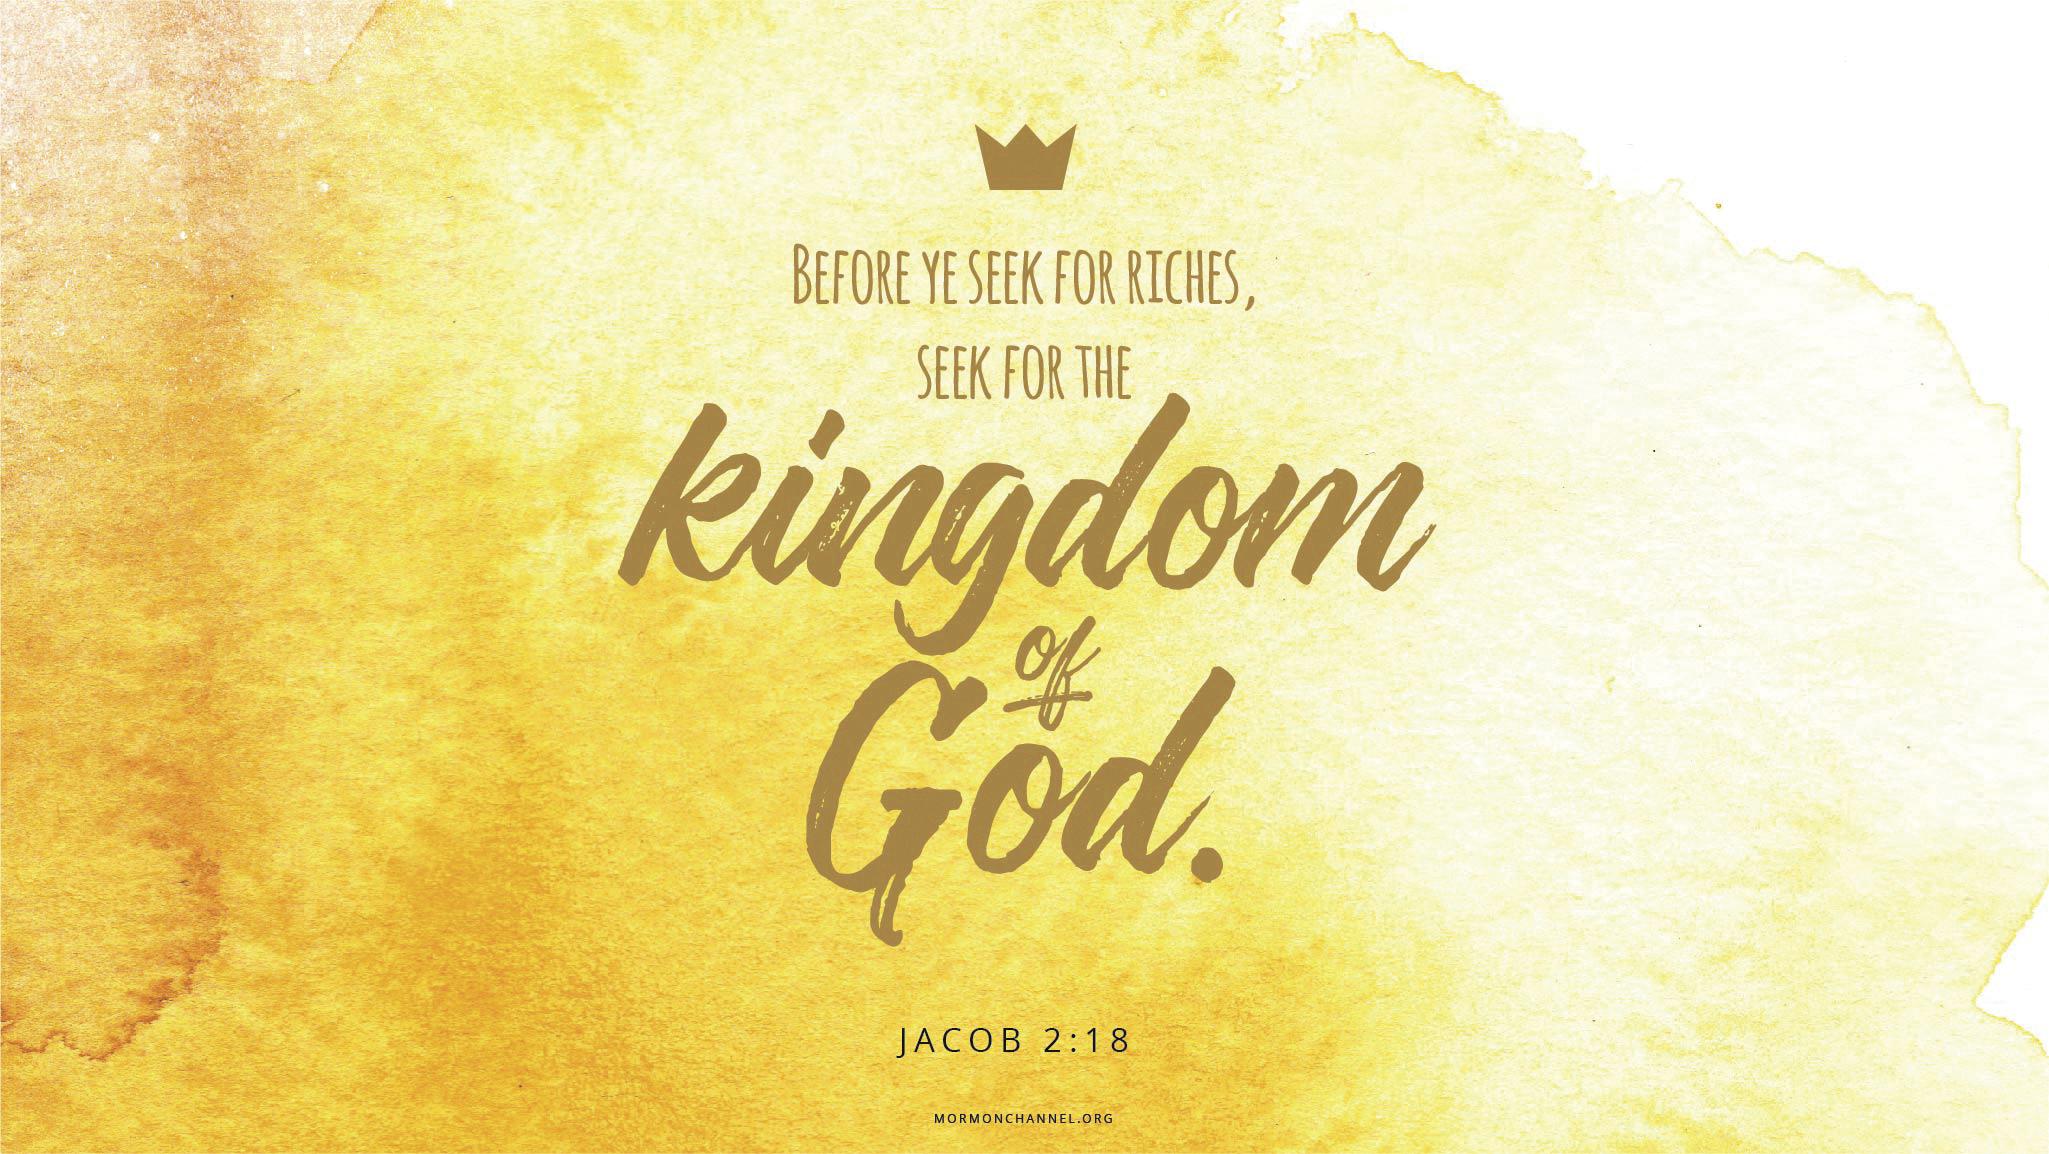 """""""Before ye seek for riches, seek ye for the kingdom of God.""""—Jacob 2:18"""